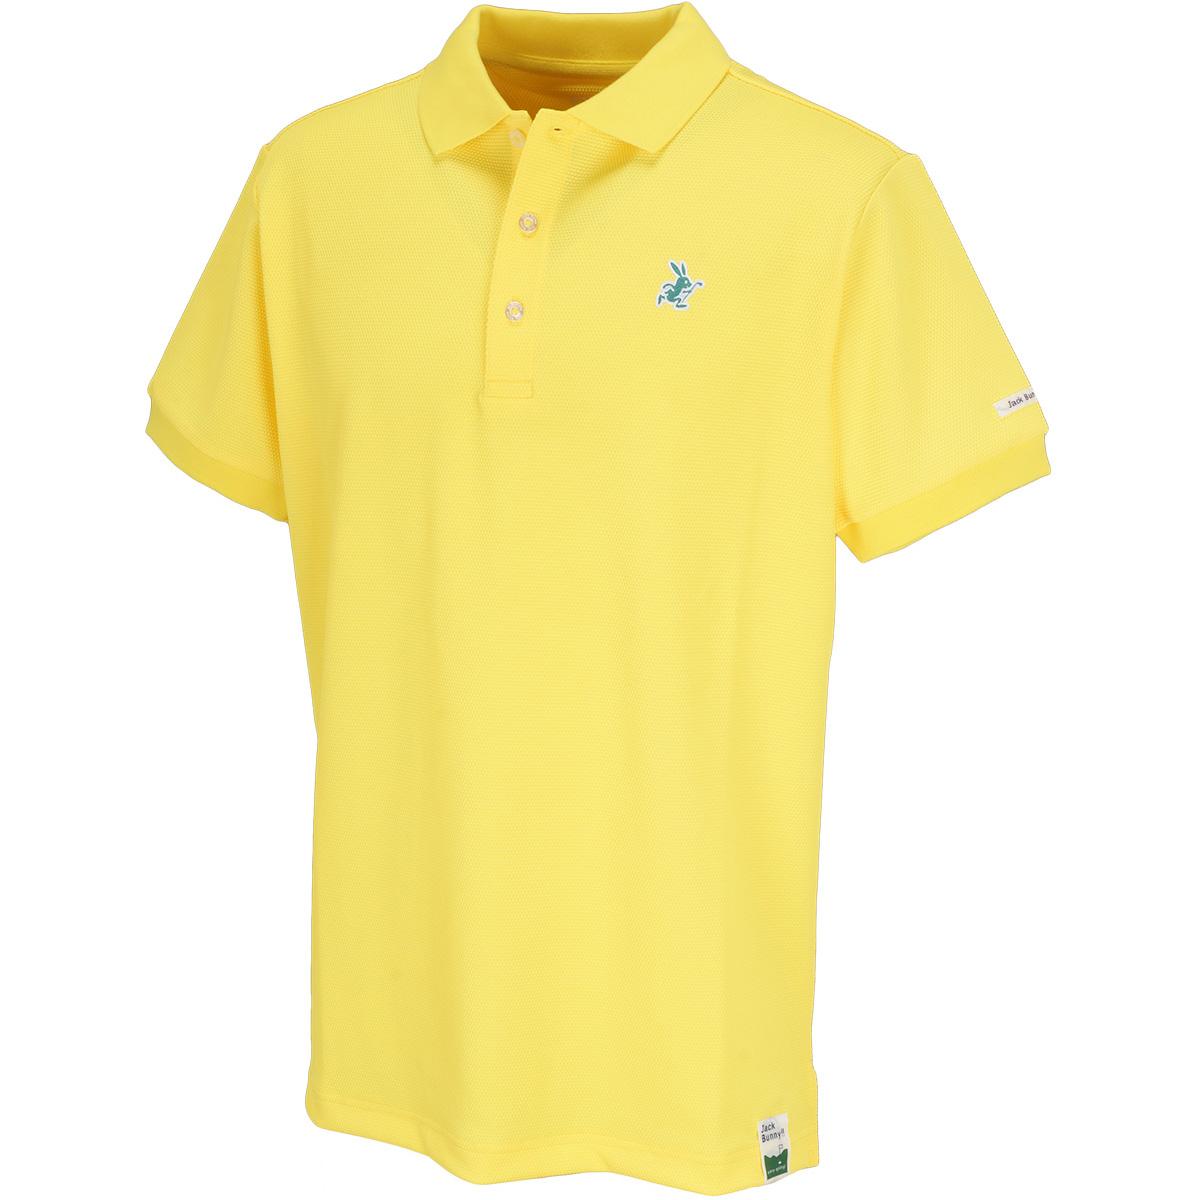 キューブジャカード半袖ポロシャツ